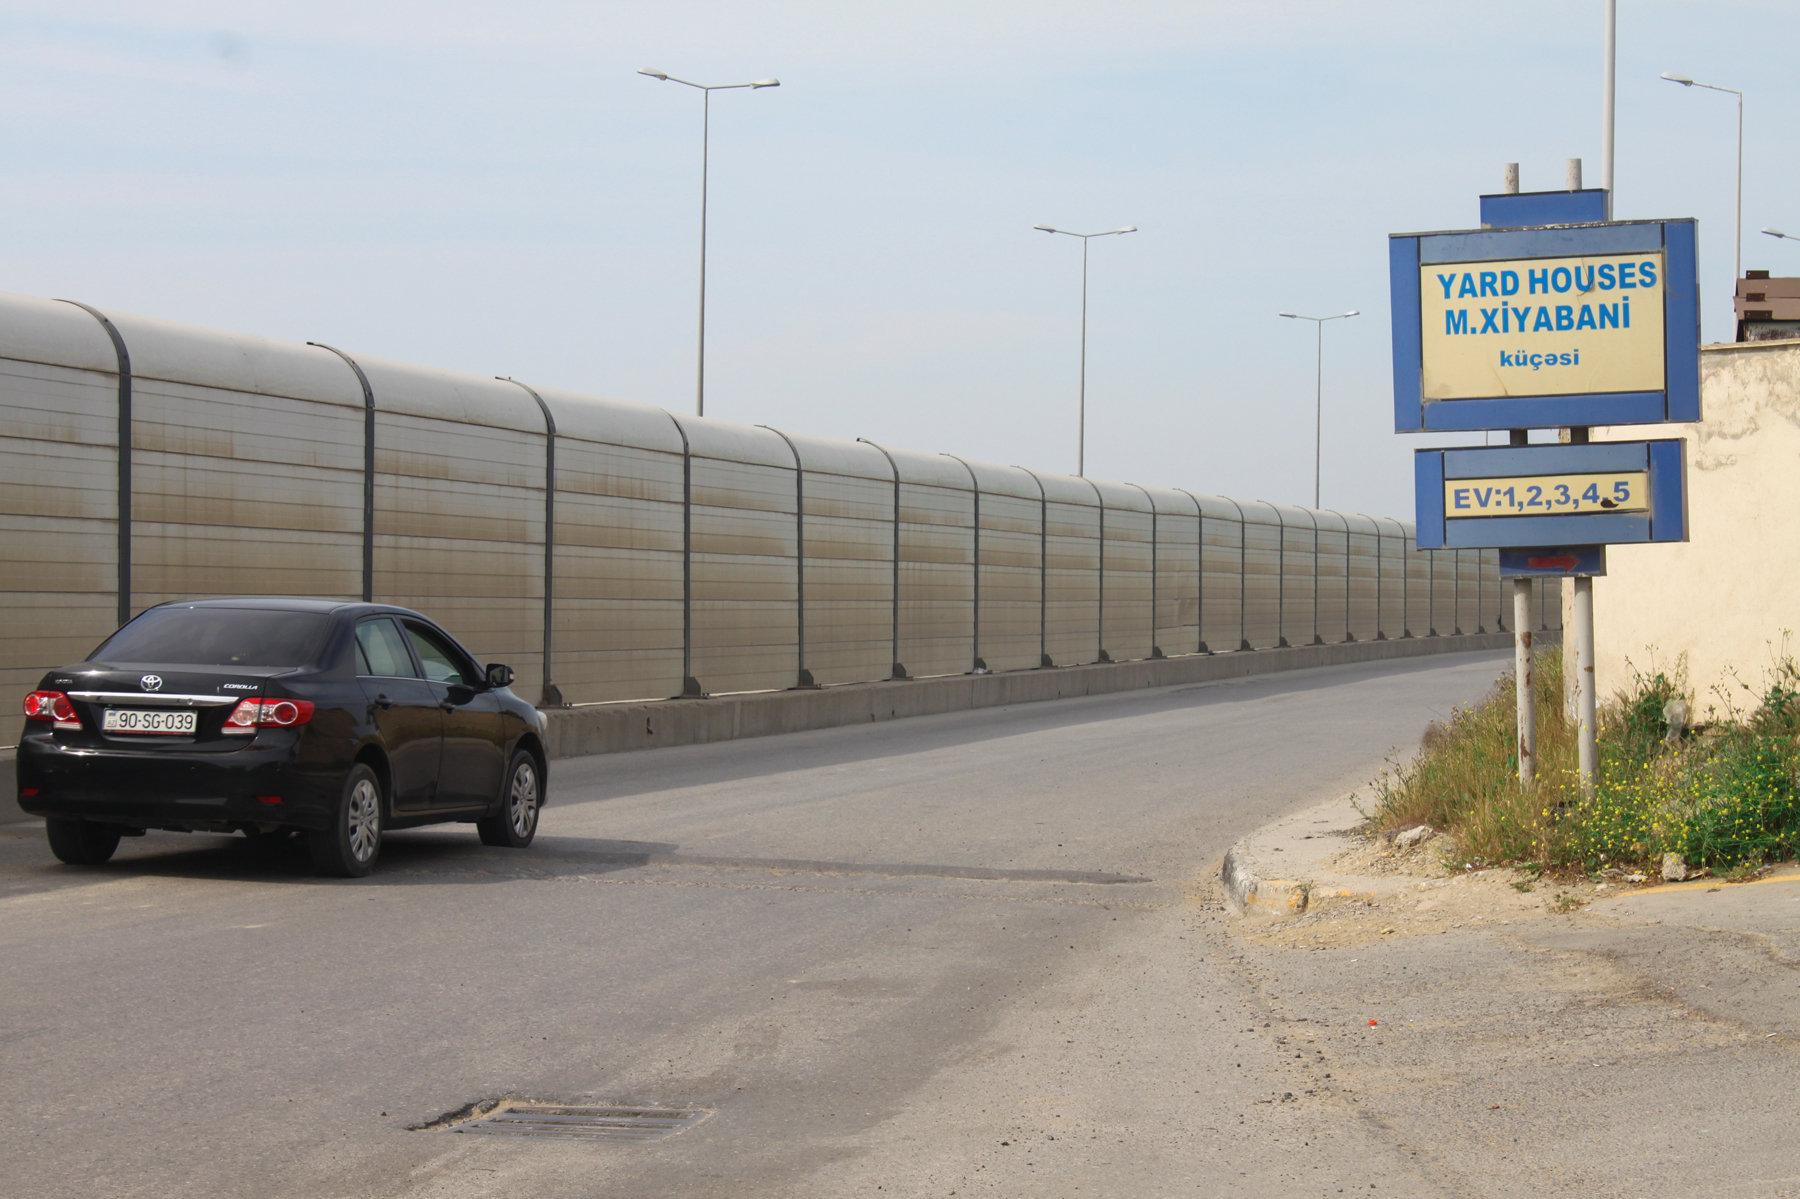 Искусственное дорожное препятствие на улице Хиябани